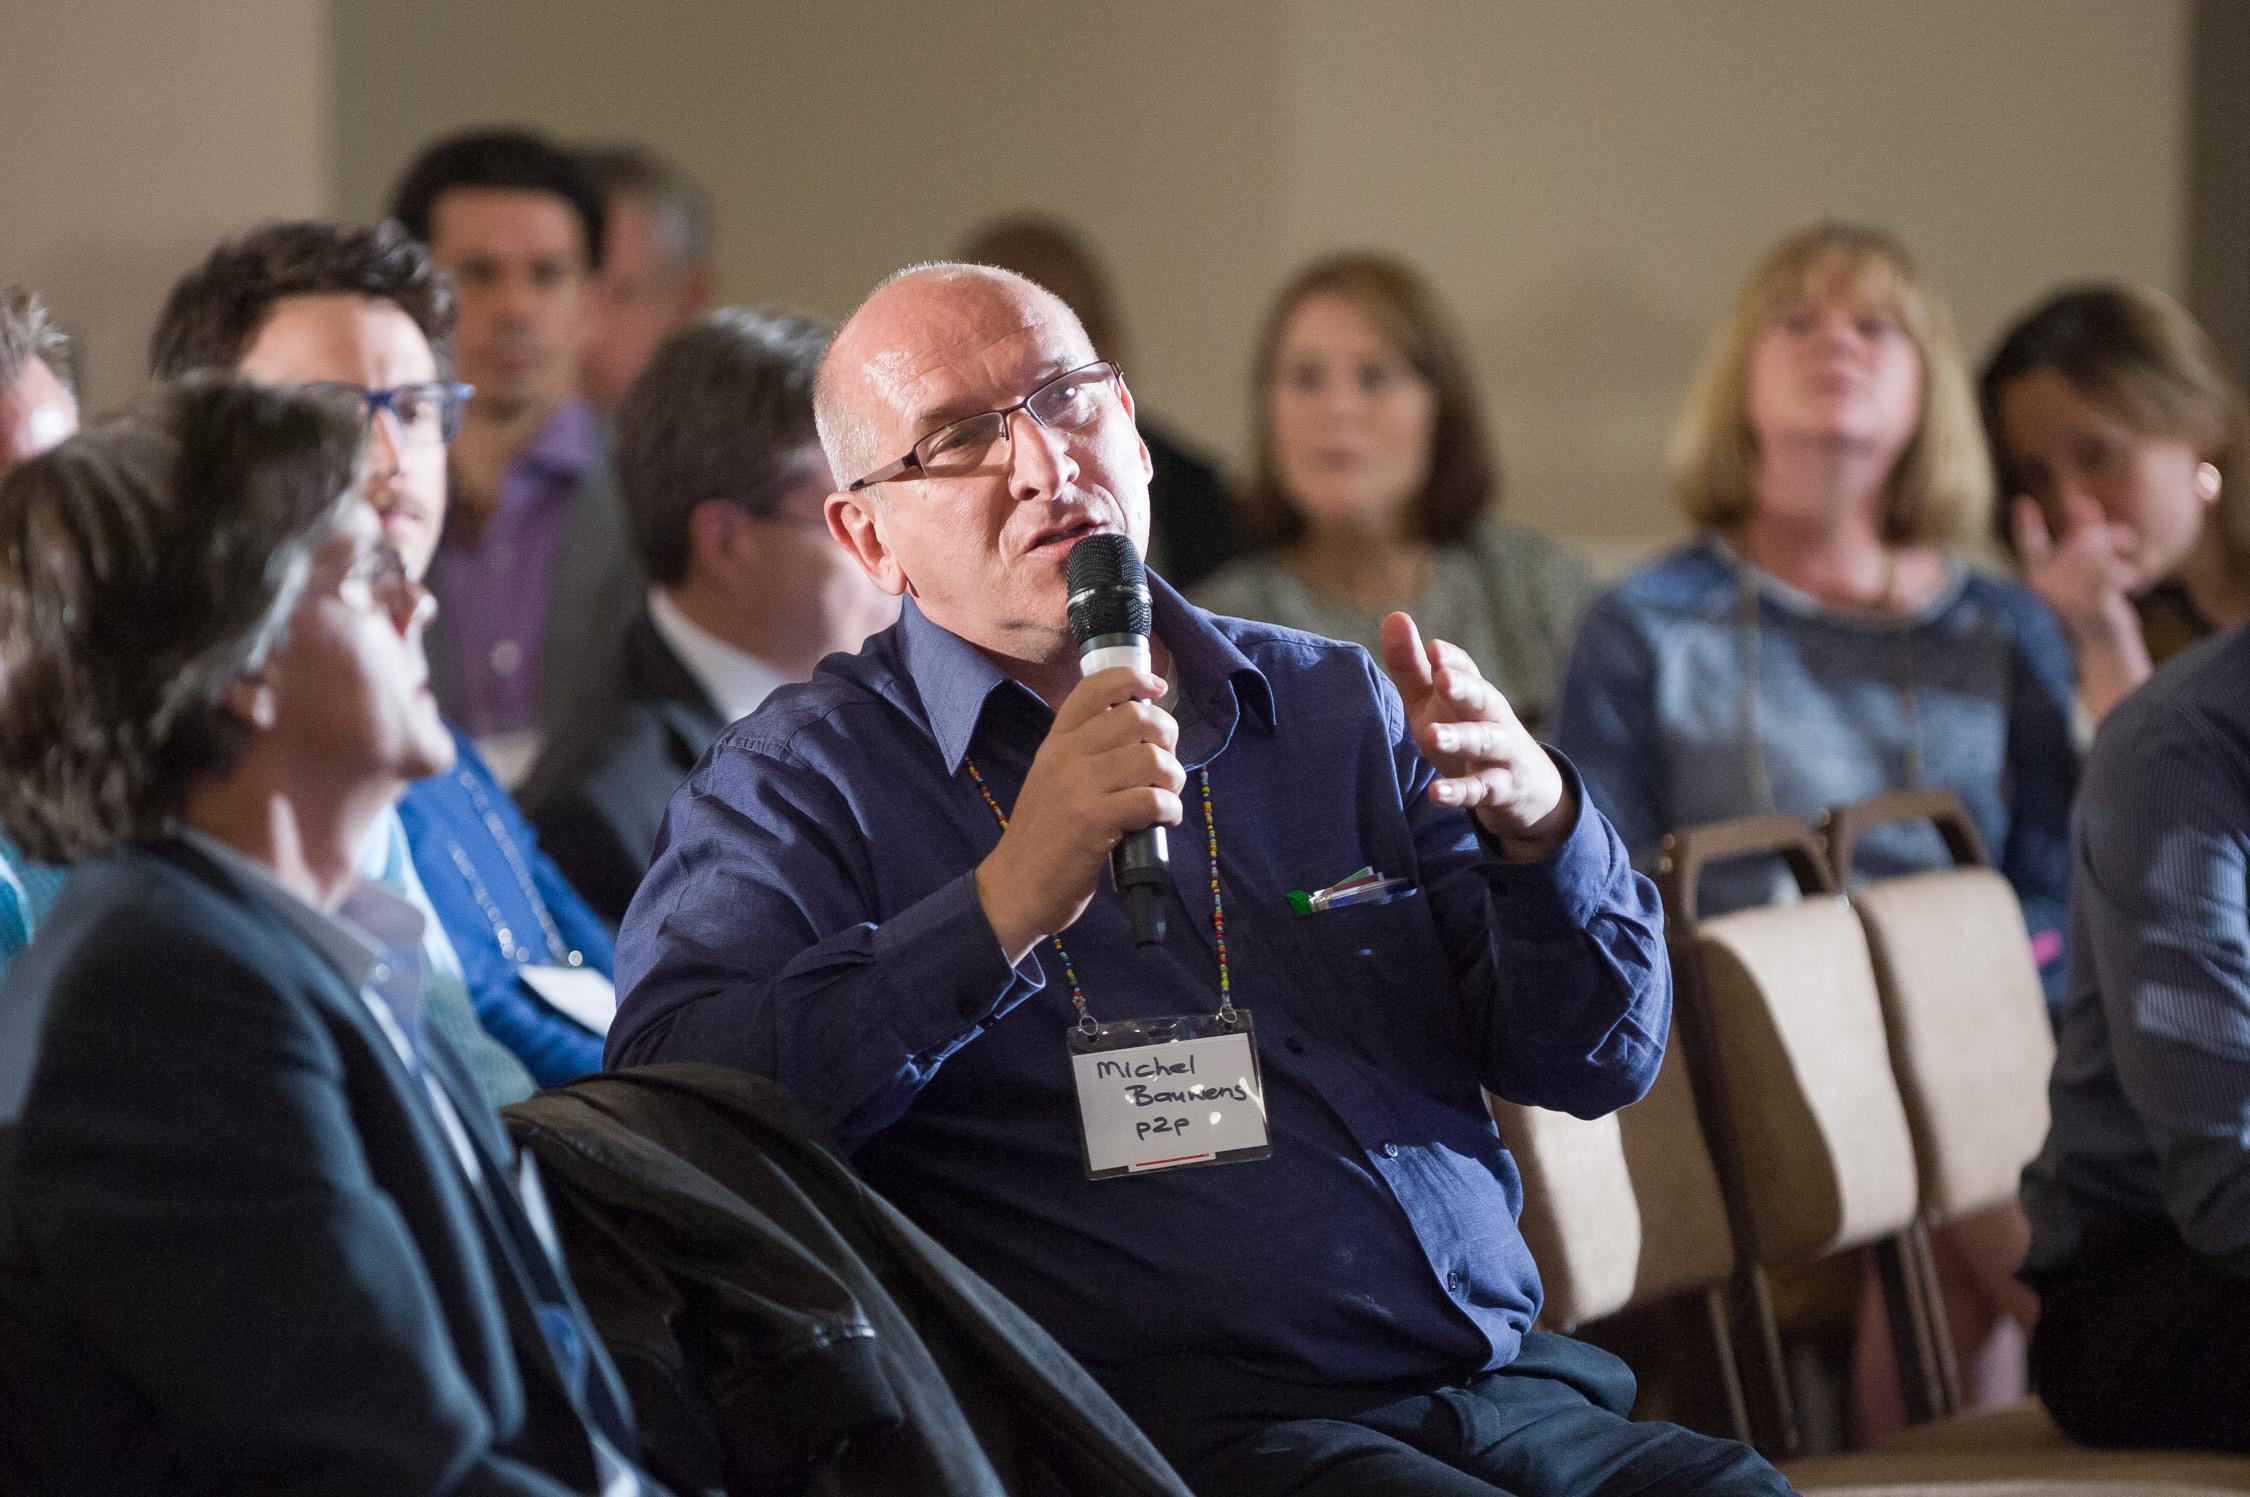 Peer-to-peer activist Michel Bauwens